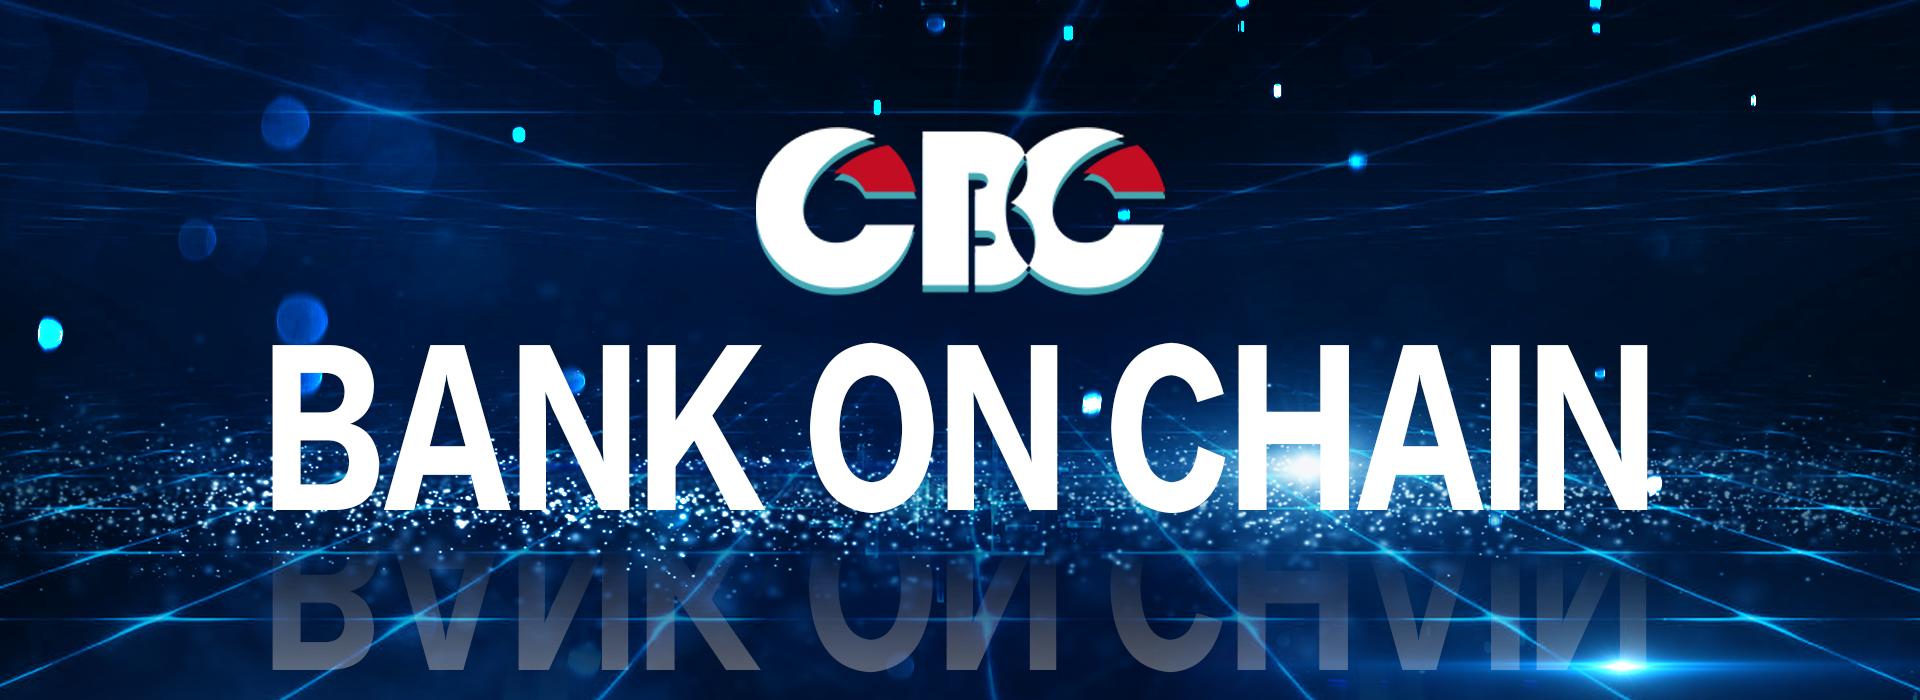 成都社区联谊会庆祝链上银行CBC将隆重上线大中华区-启示财经